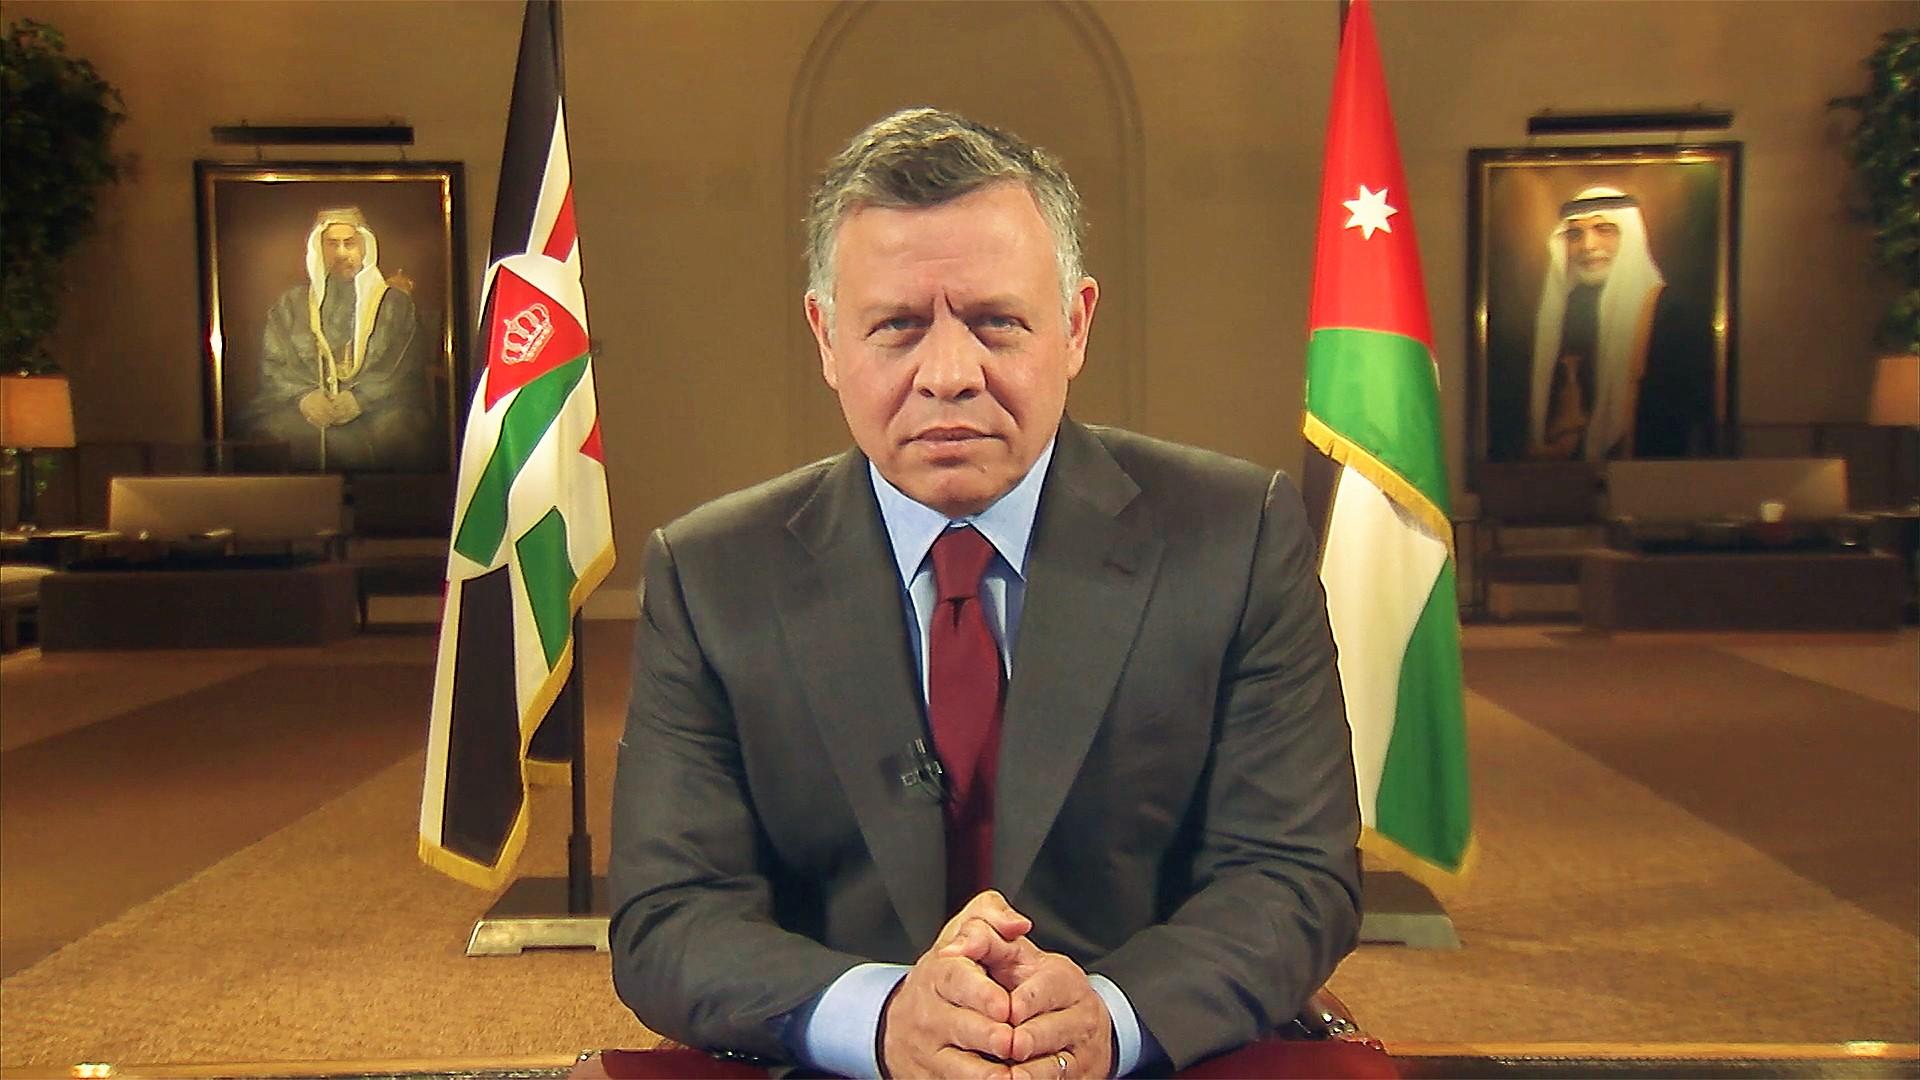 الملك يتبادل التهاني مع عدد من قادة الدول العربية بمناسبة عيد الفطر